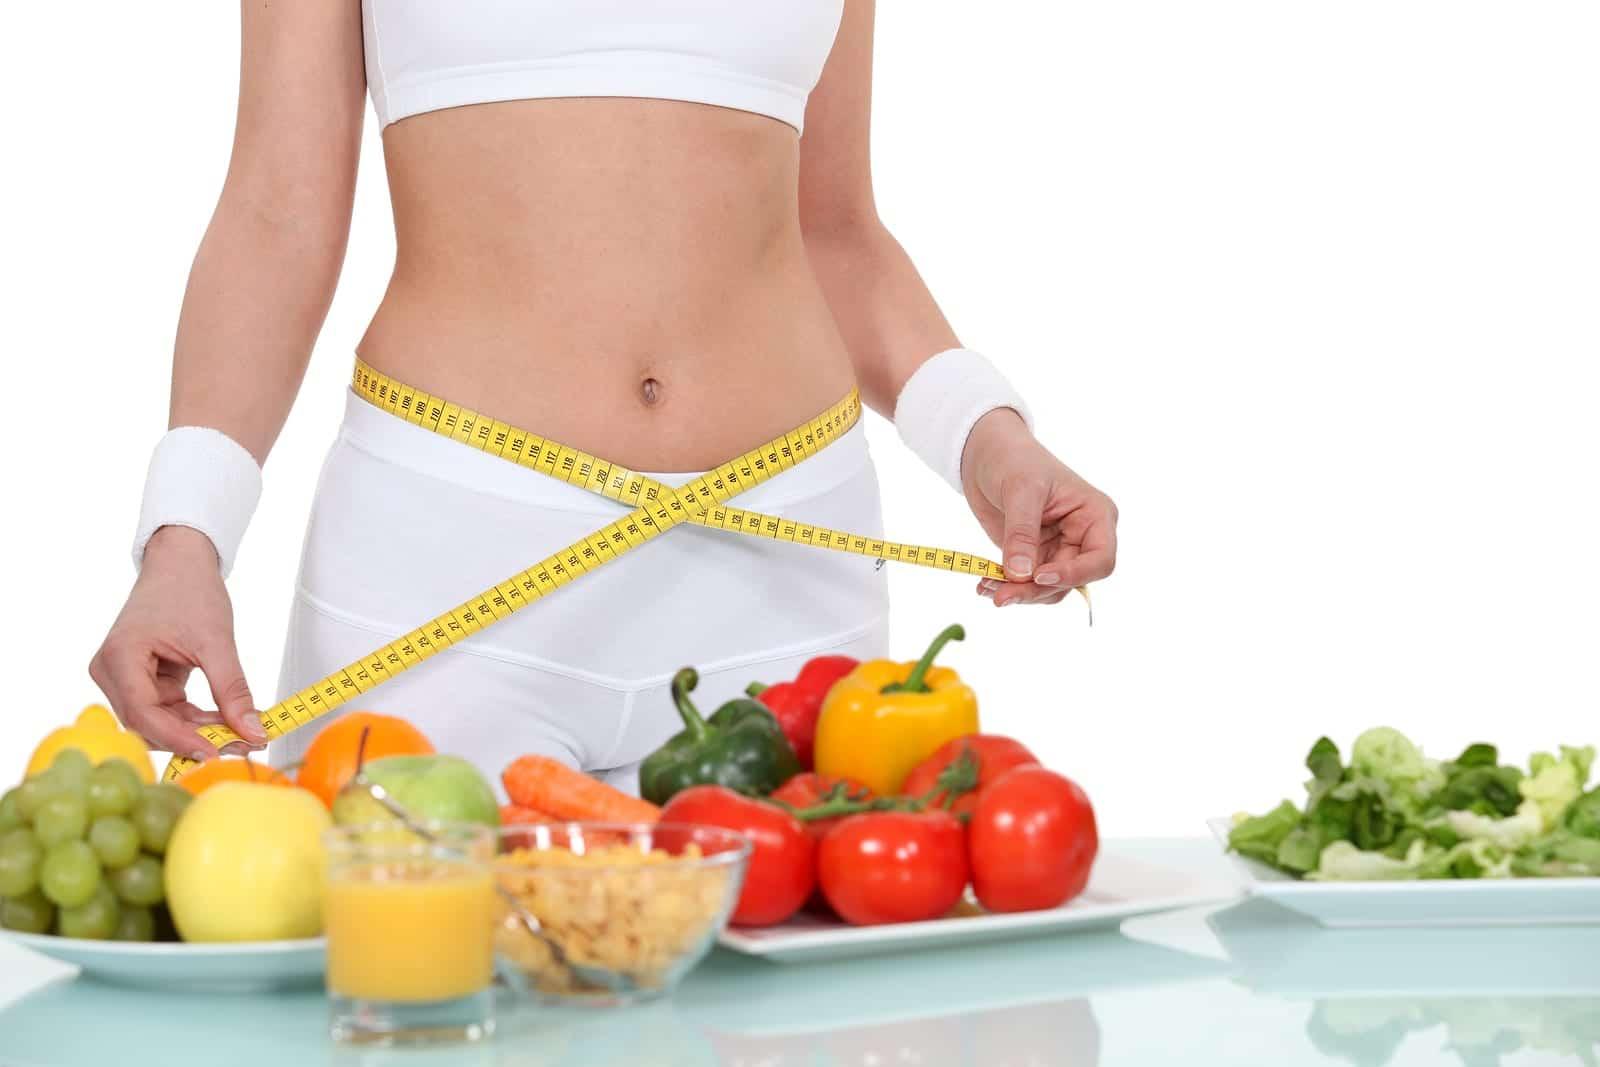 dieta-efectiva-para-adelgazar